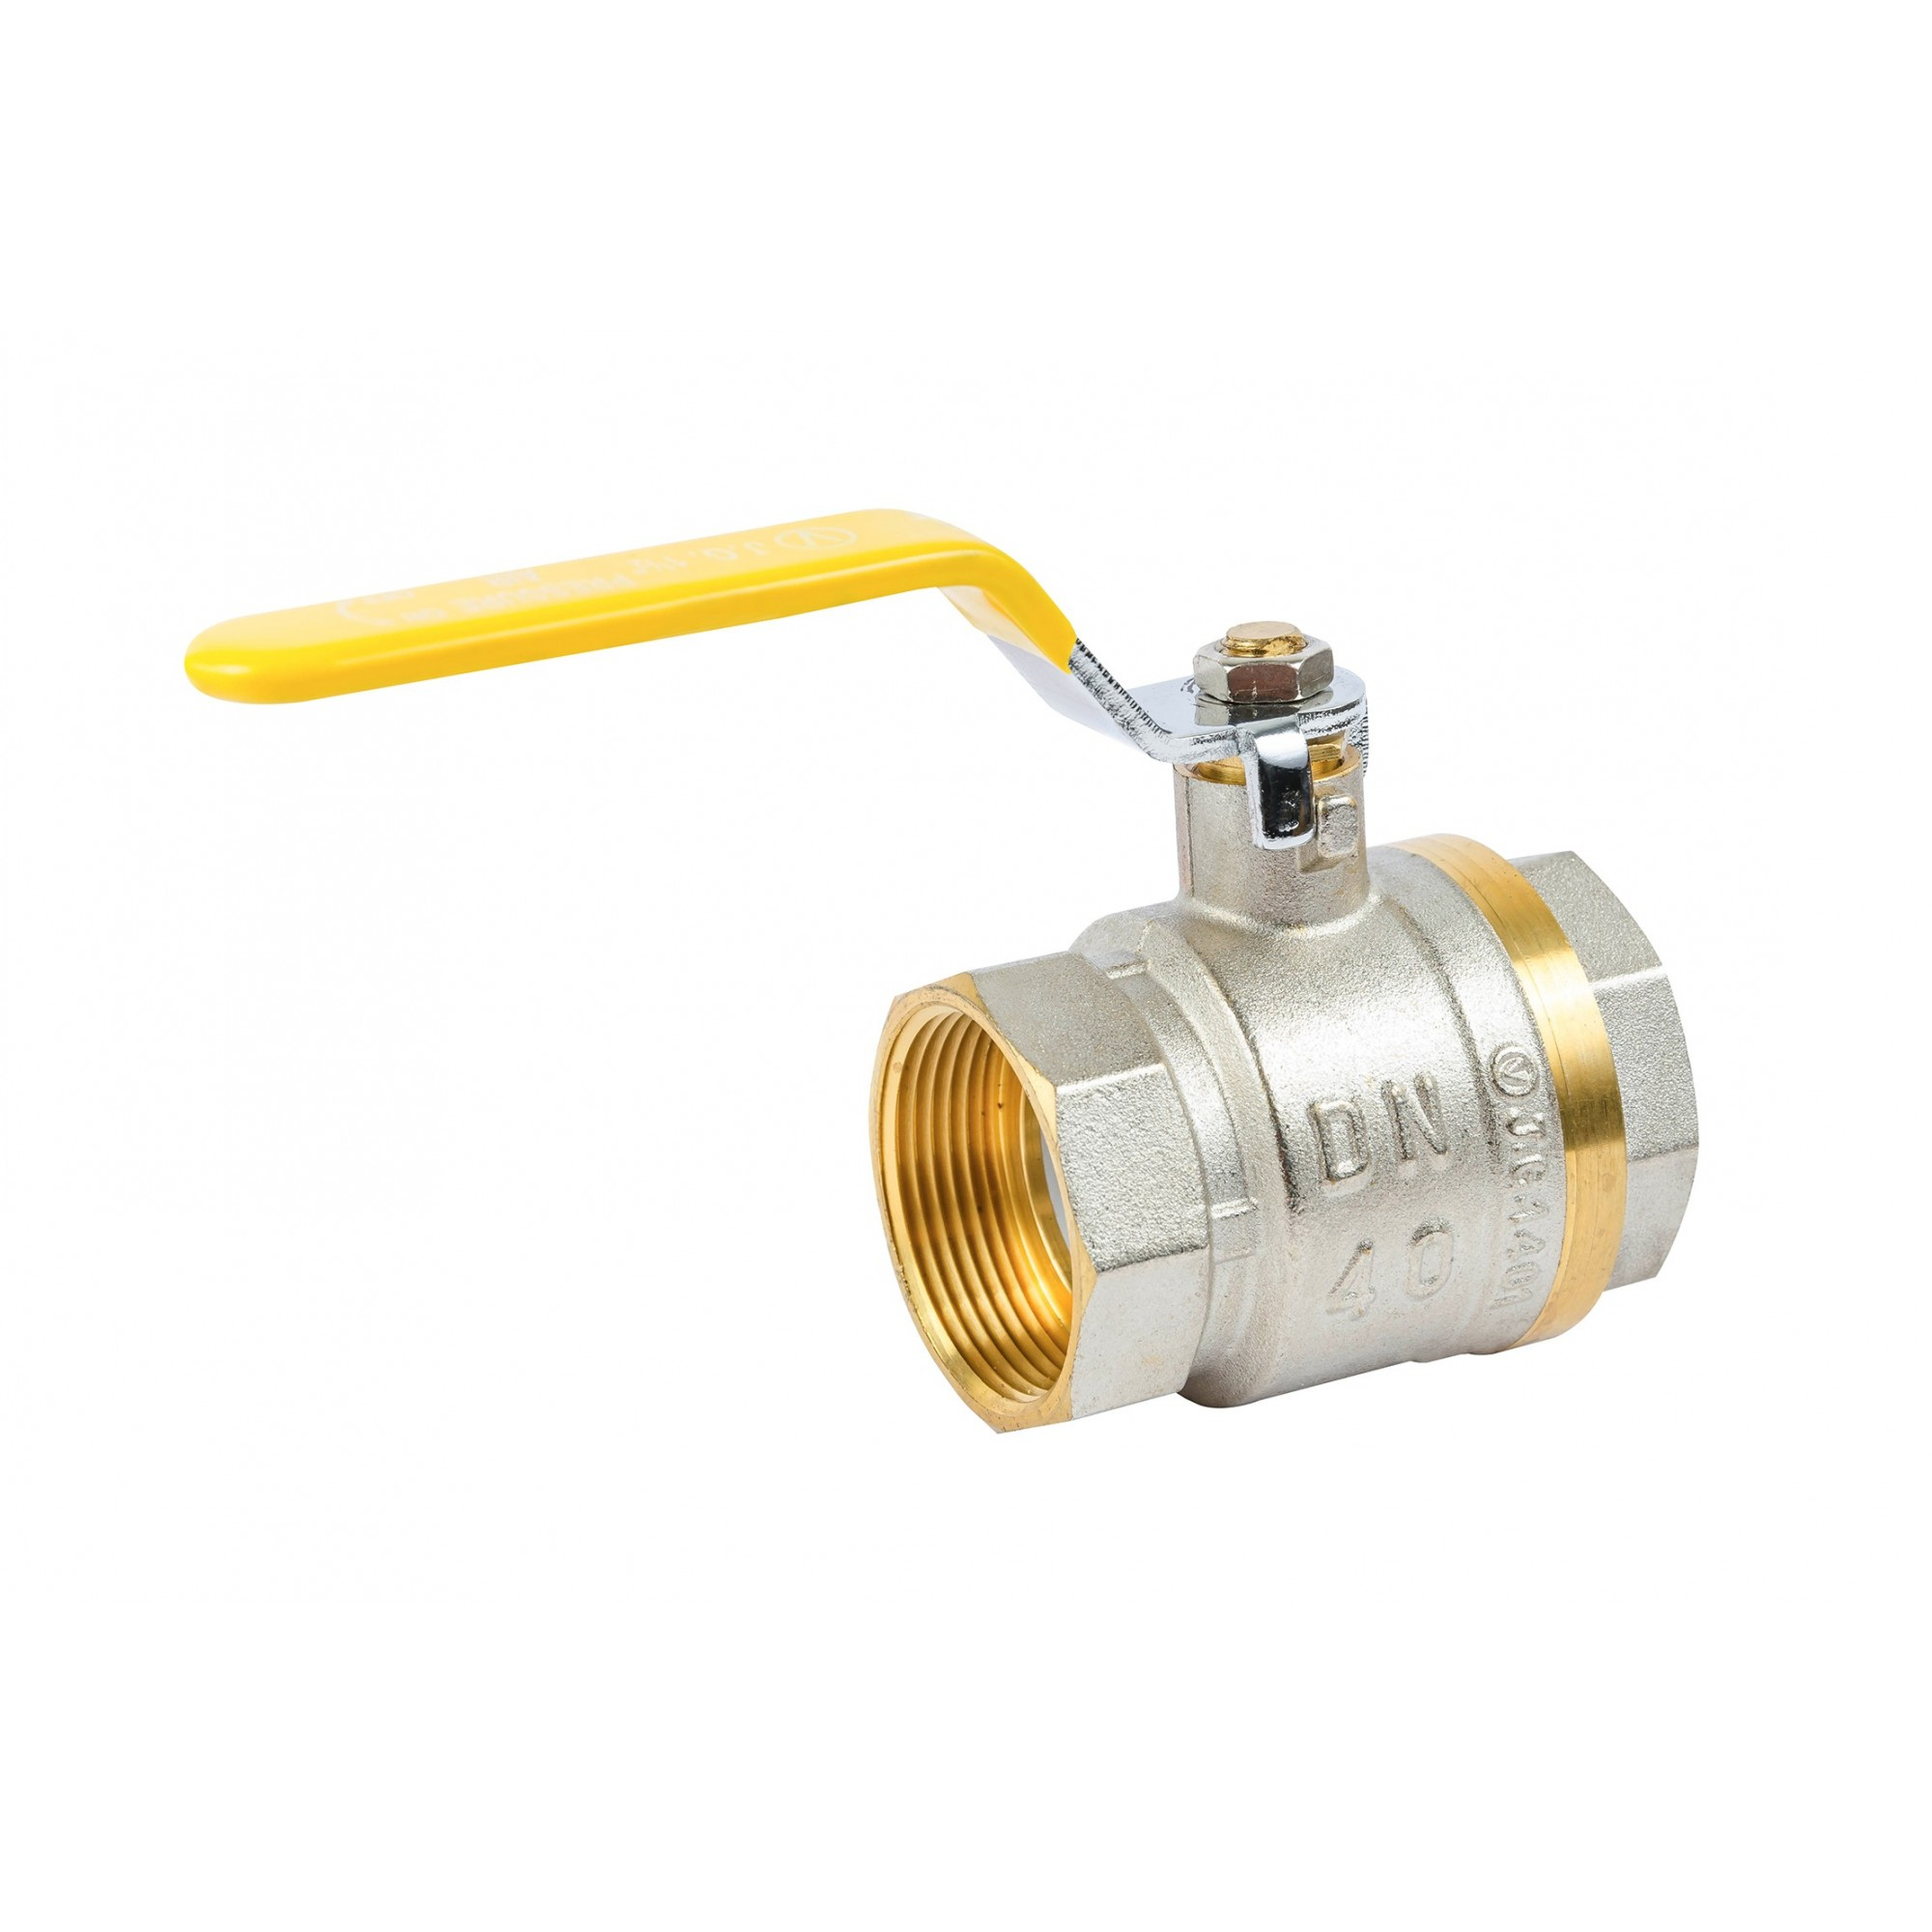 Кран шаровый Valve JG 1-1/2'' вв желтая ручка газовый J.G. - 1